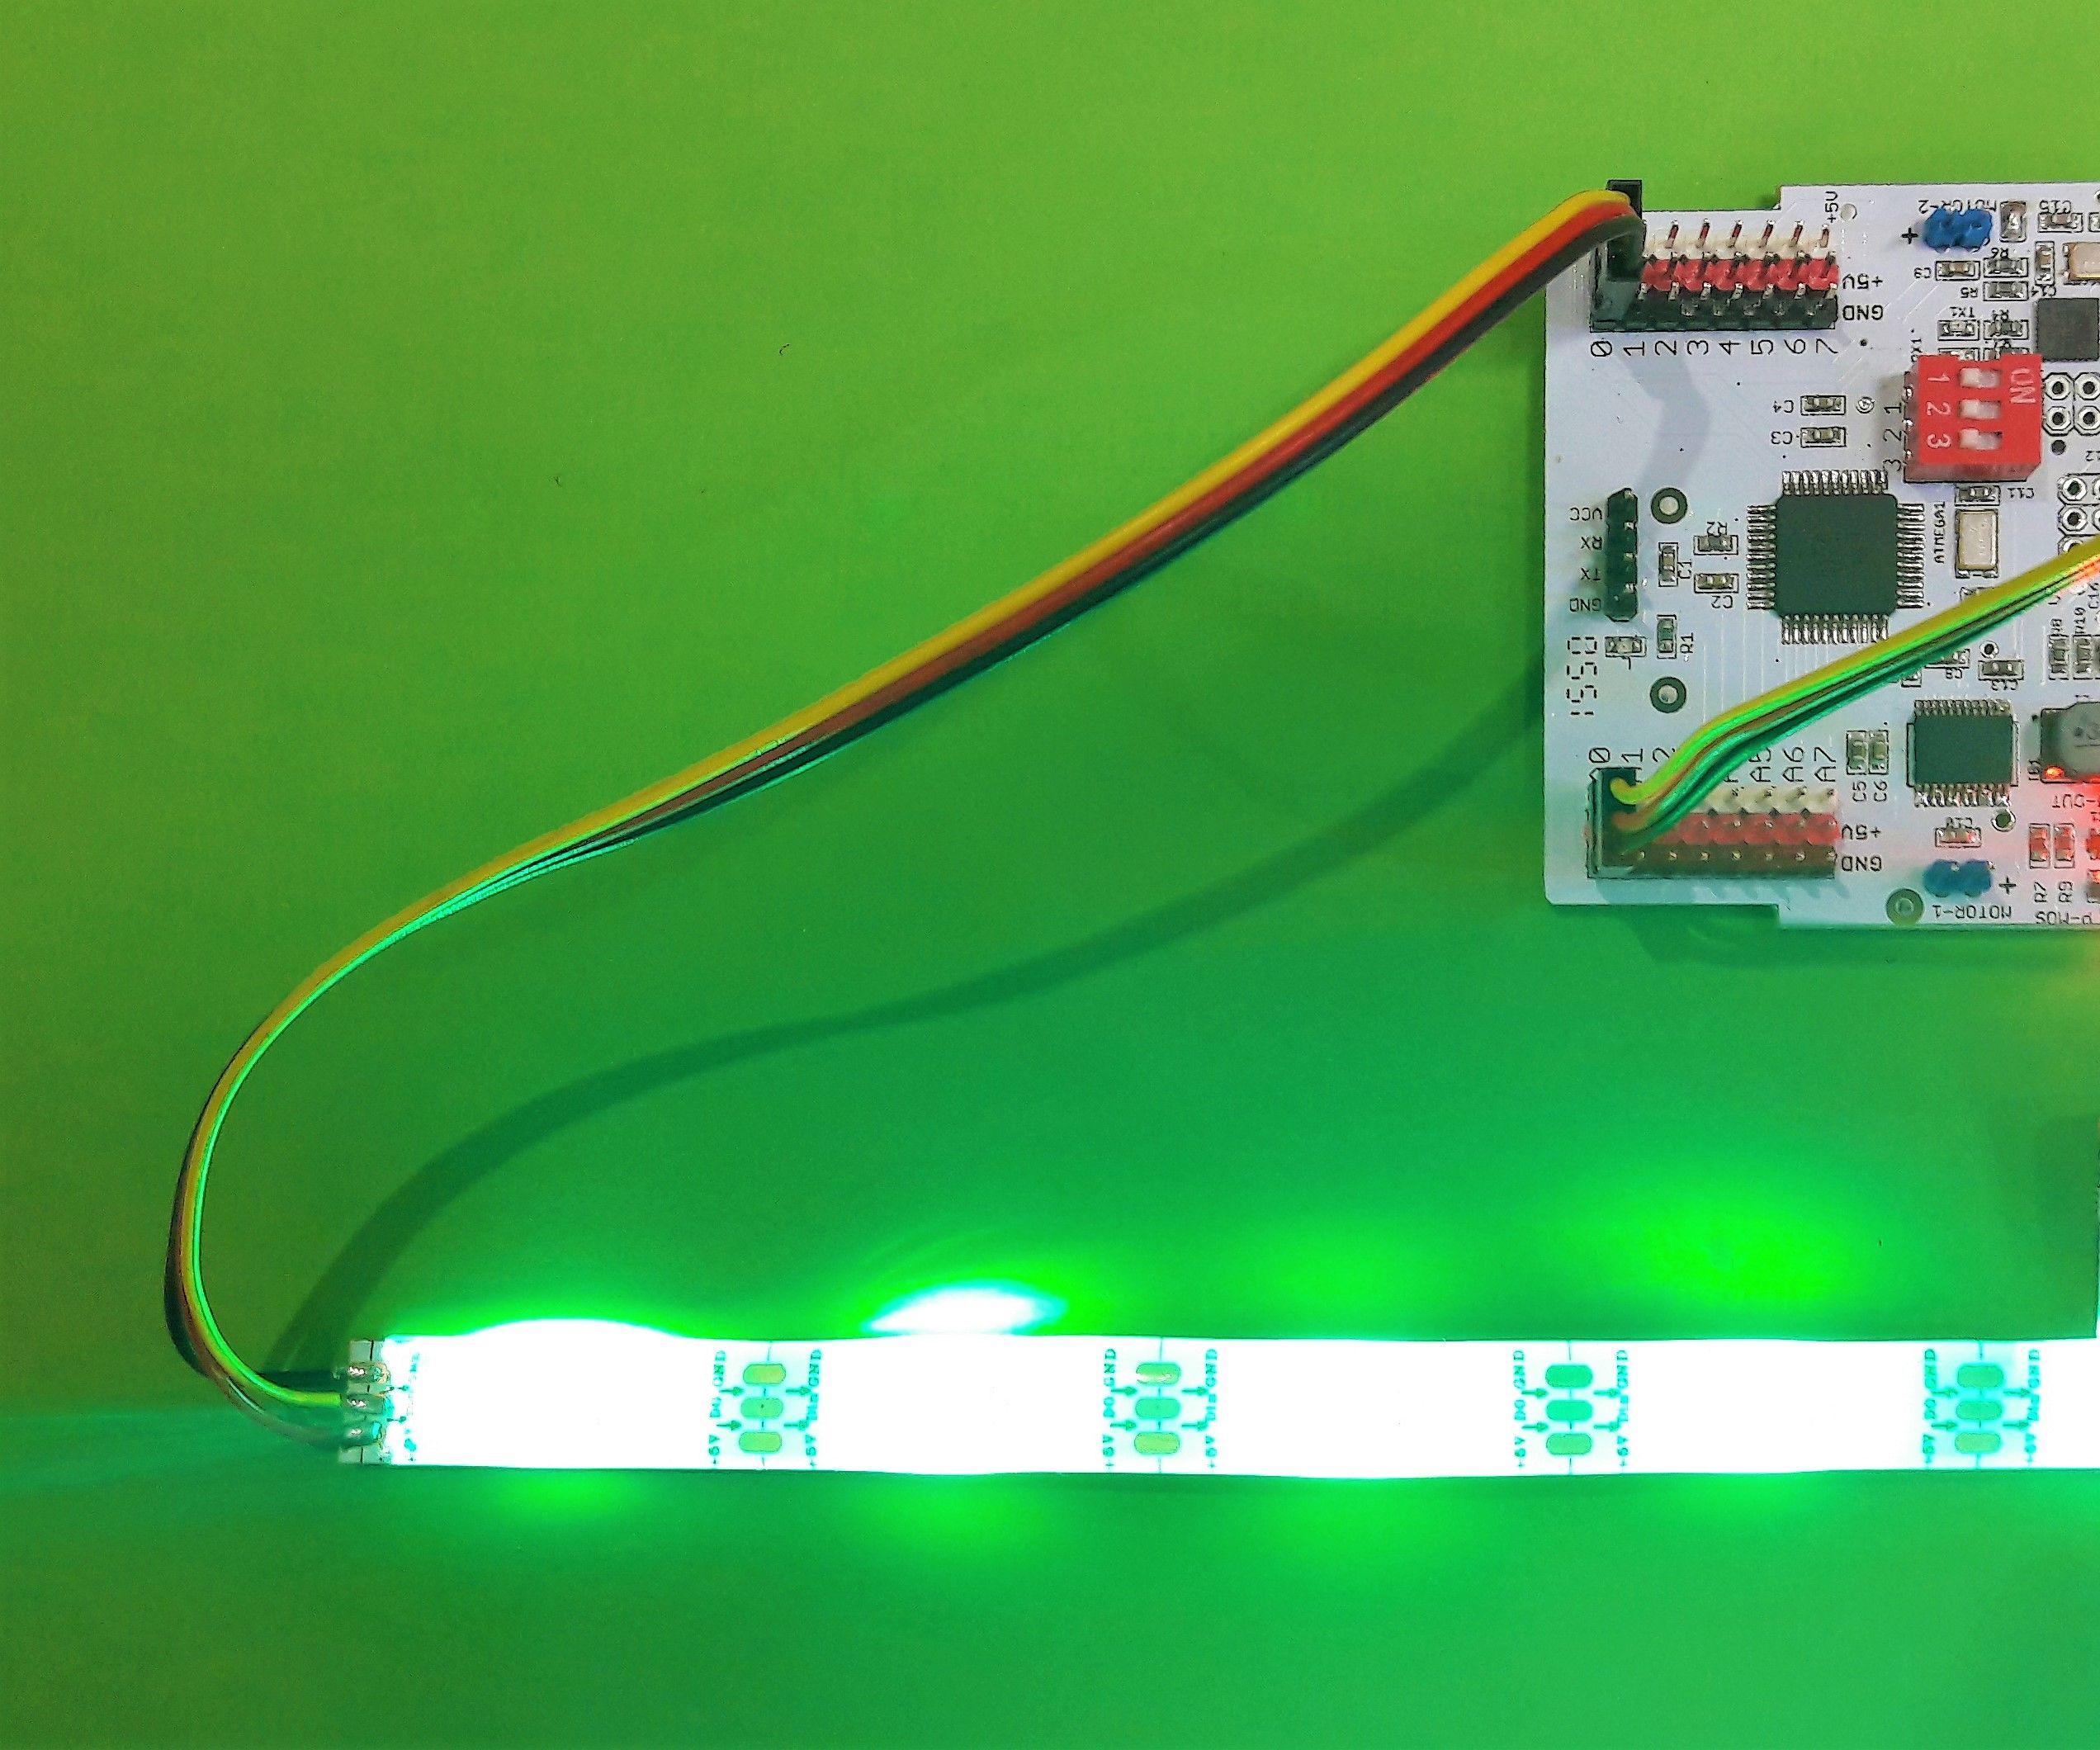 RGB LED Adaptive Camouflage Using Ebot / Arduino